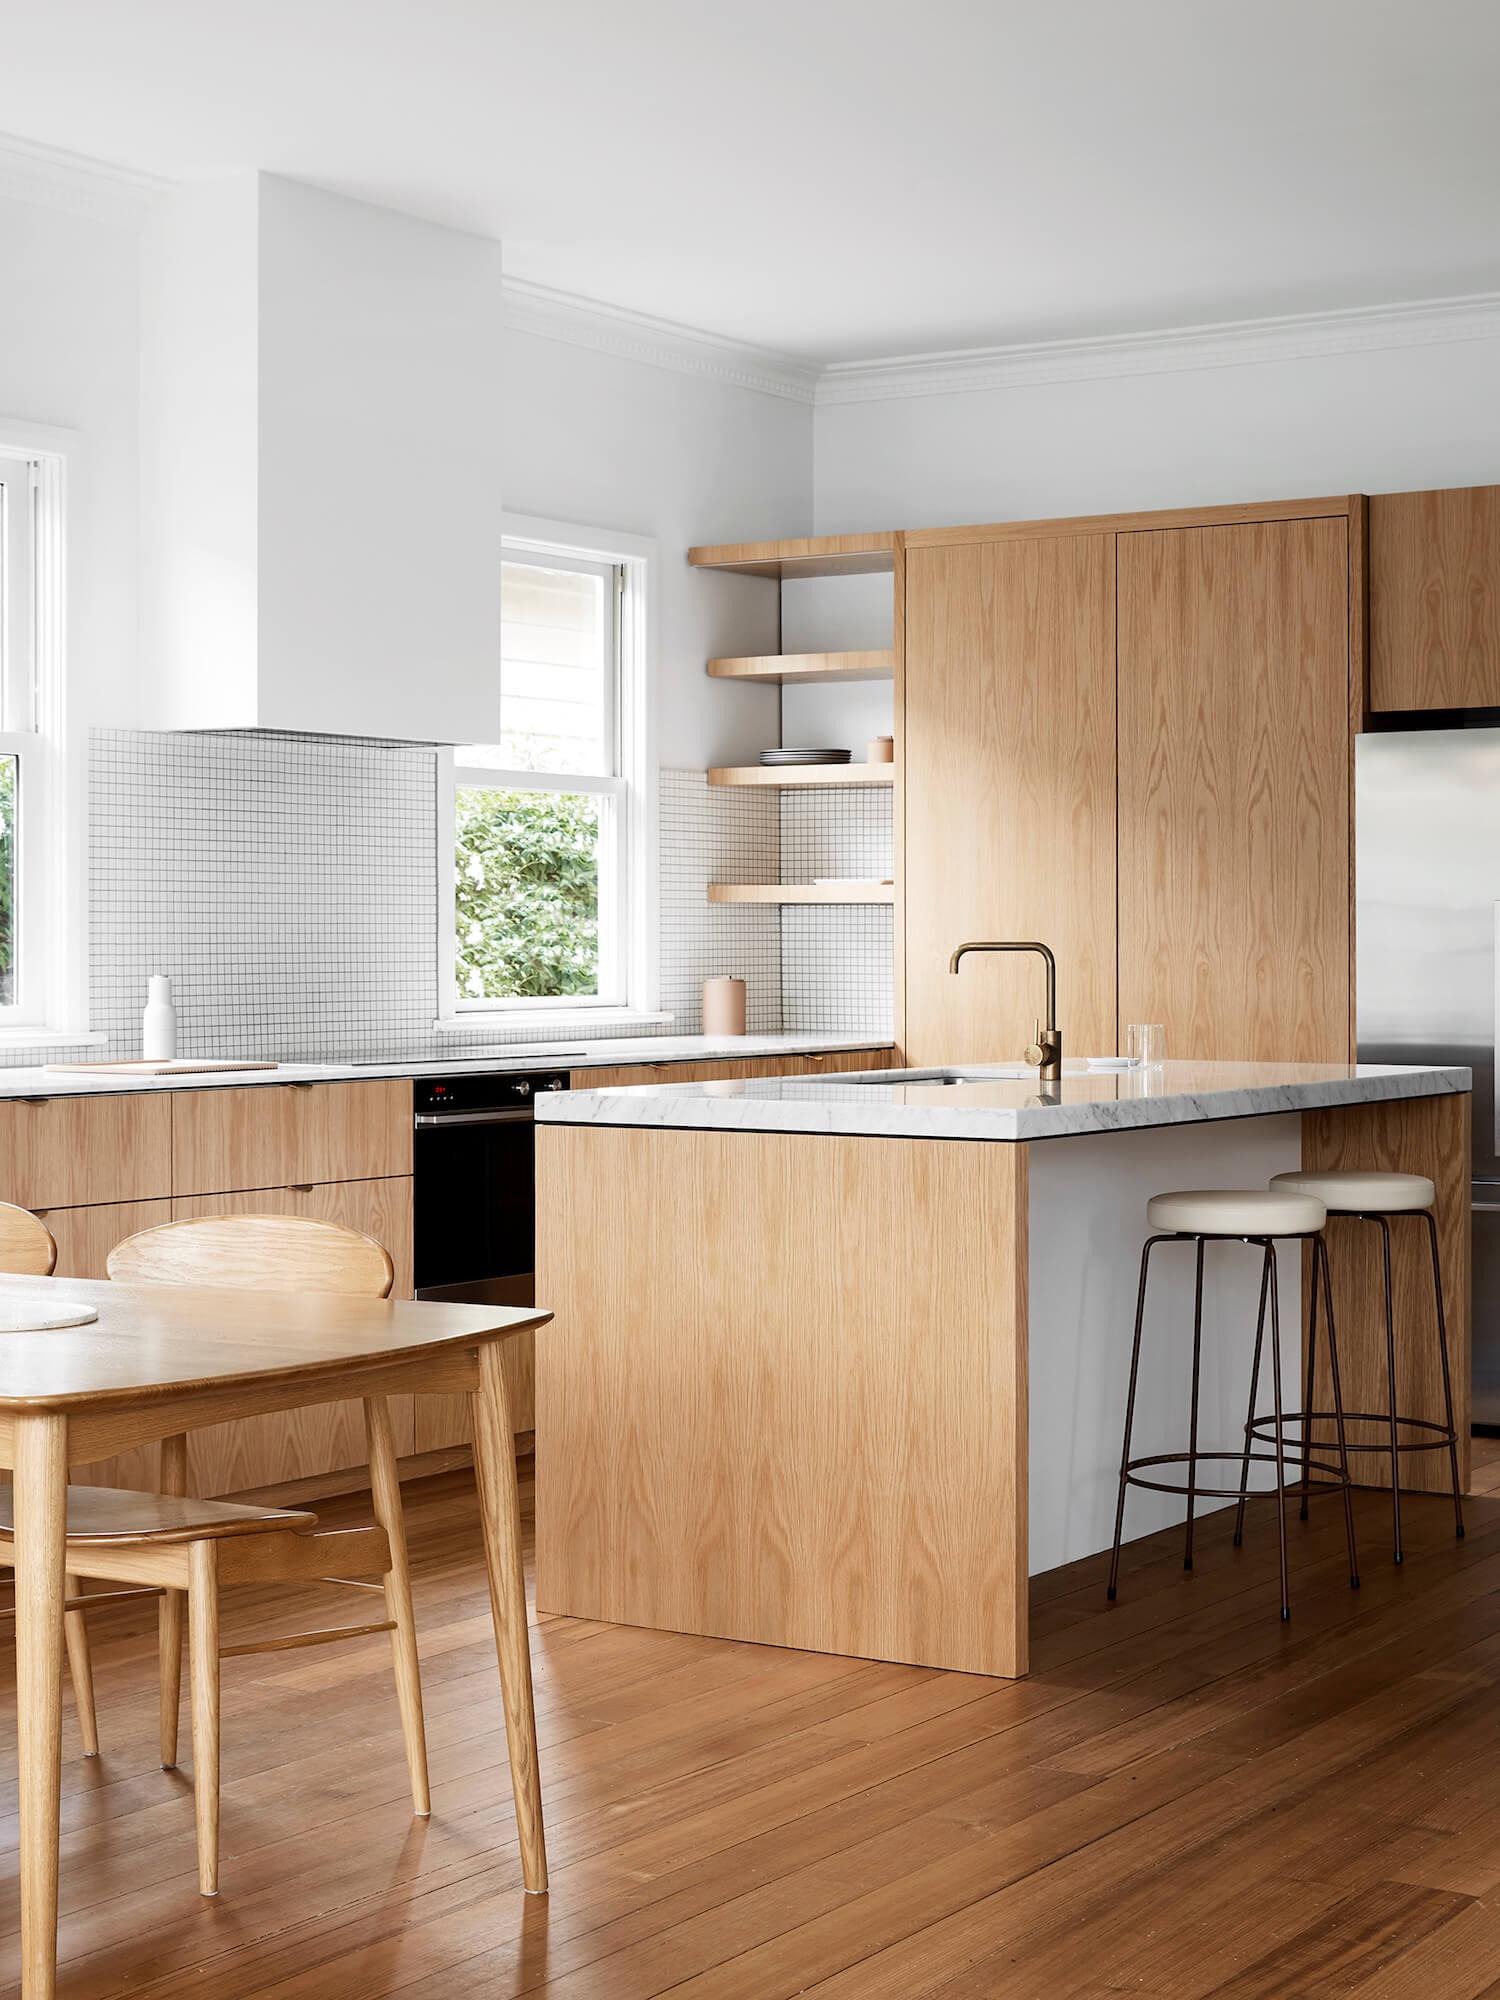 est living harrison interiors newport residence 1